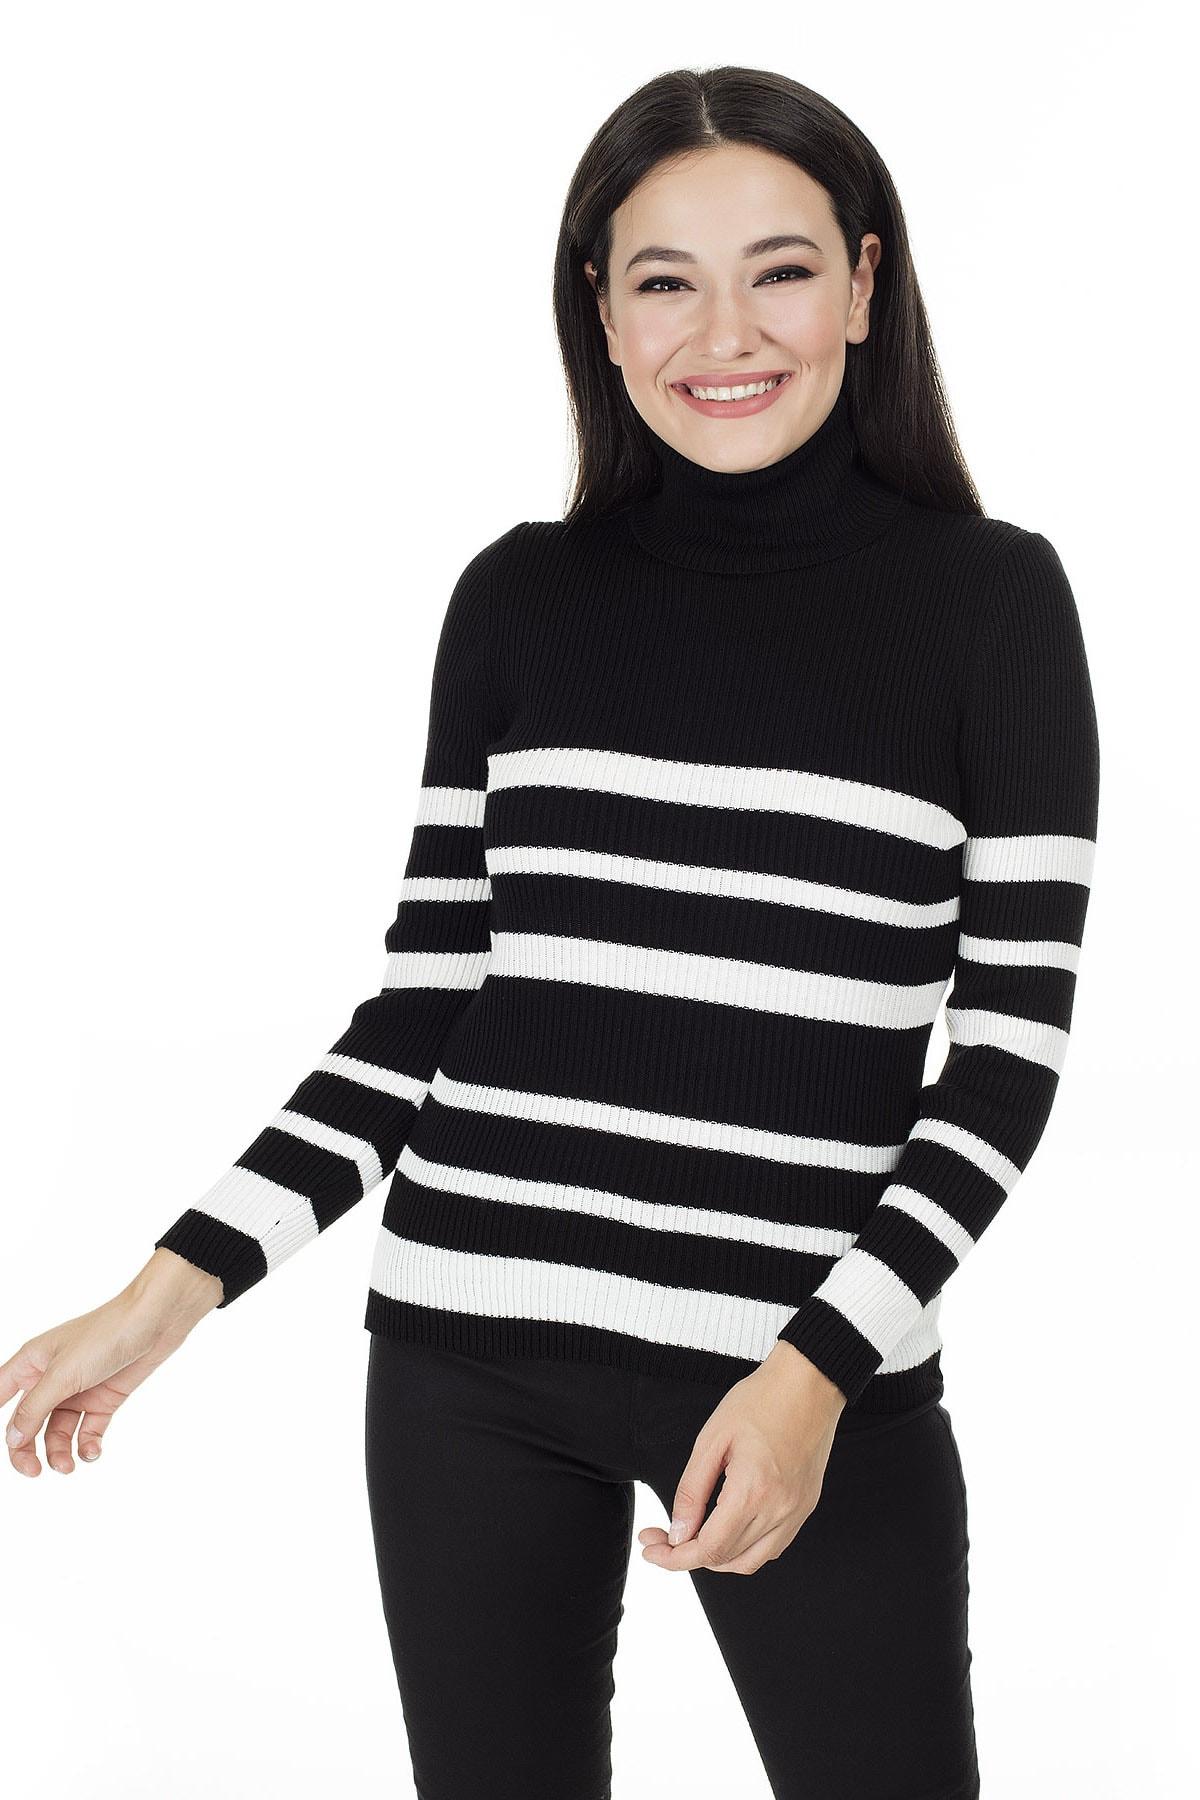 Lela Siyah-Ekru Balıkçı Yaka Kazak Kadın Kazak 4614993 4